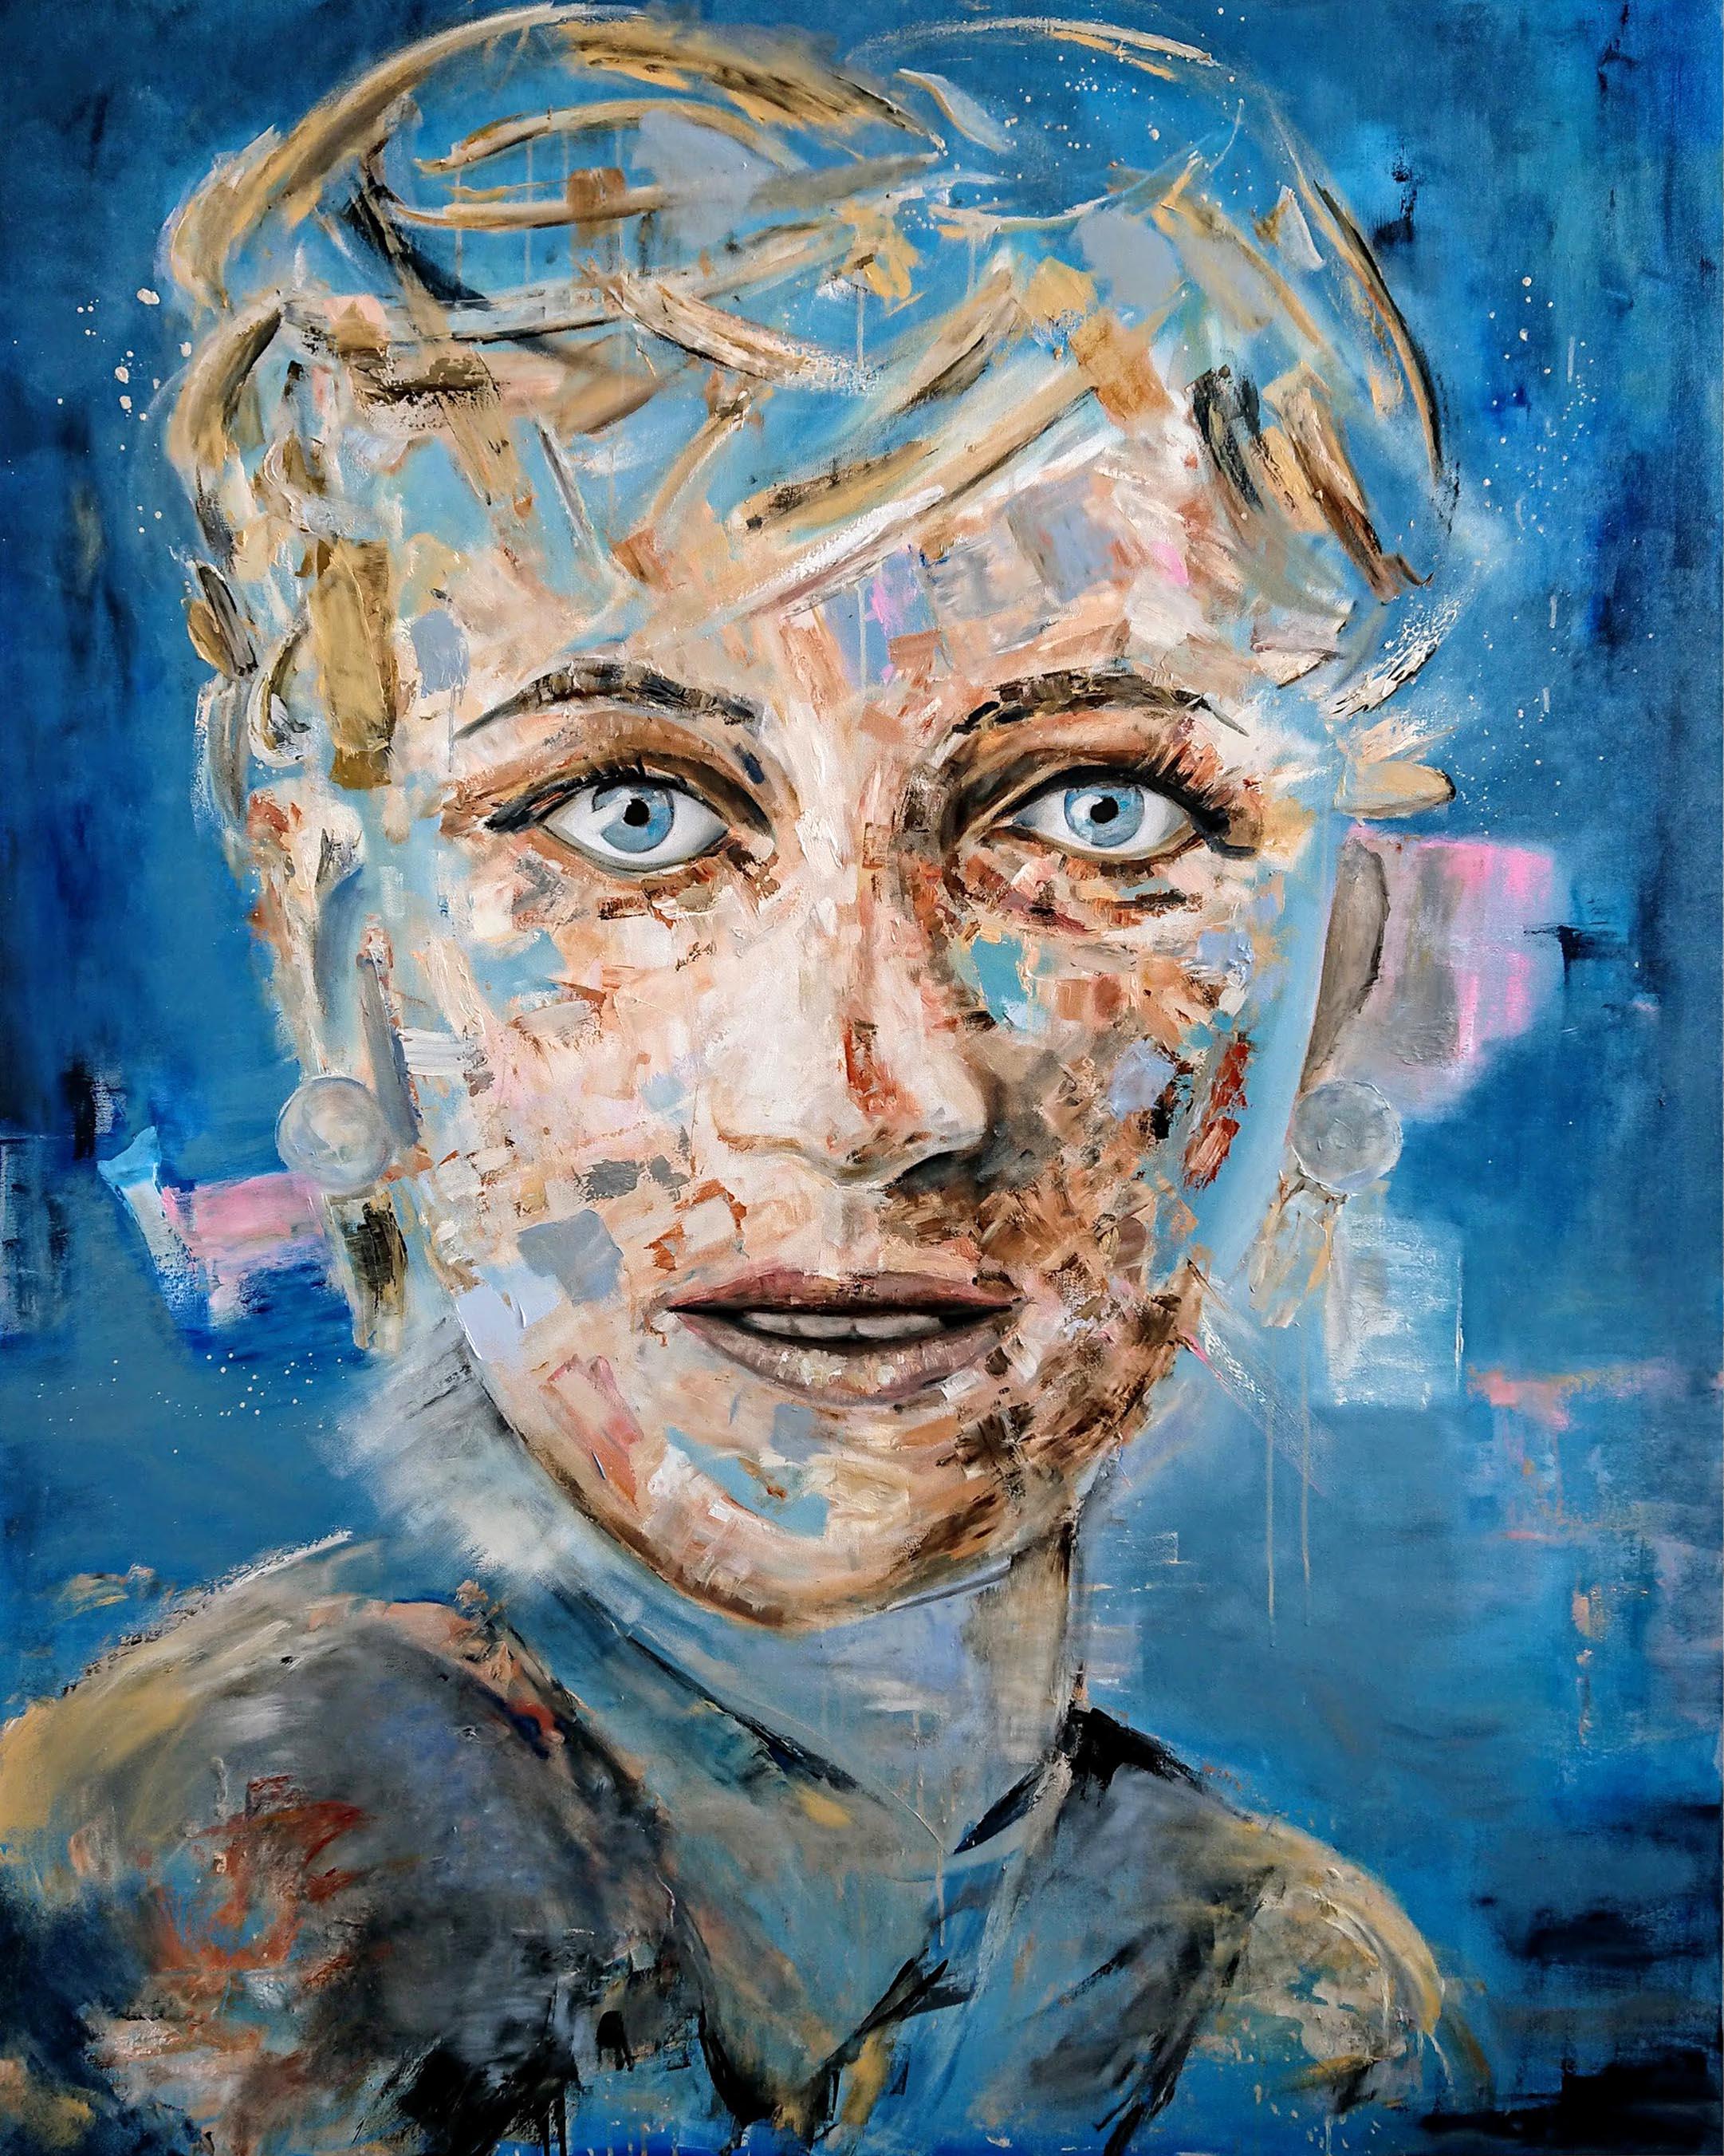 Princess Diana - by Jc Trouboul